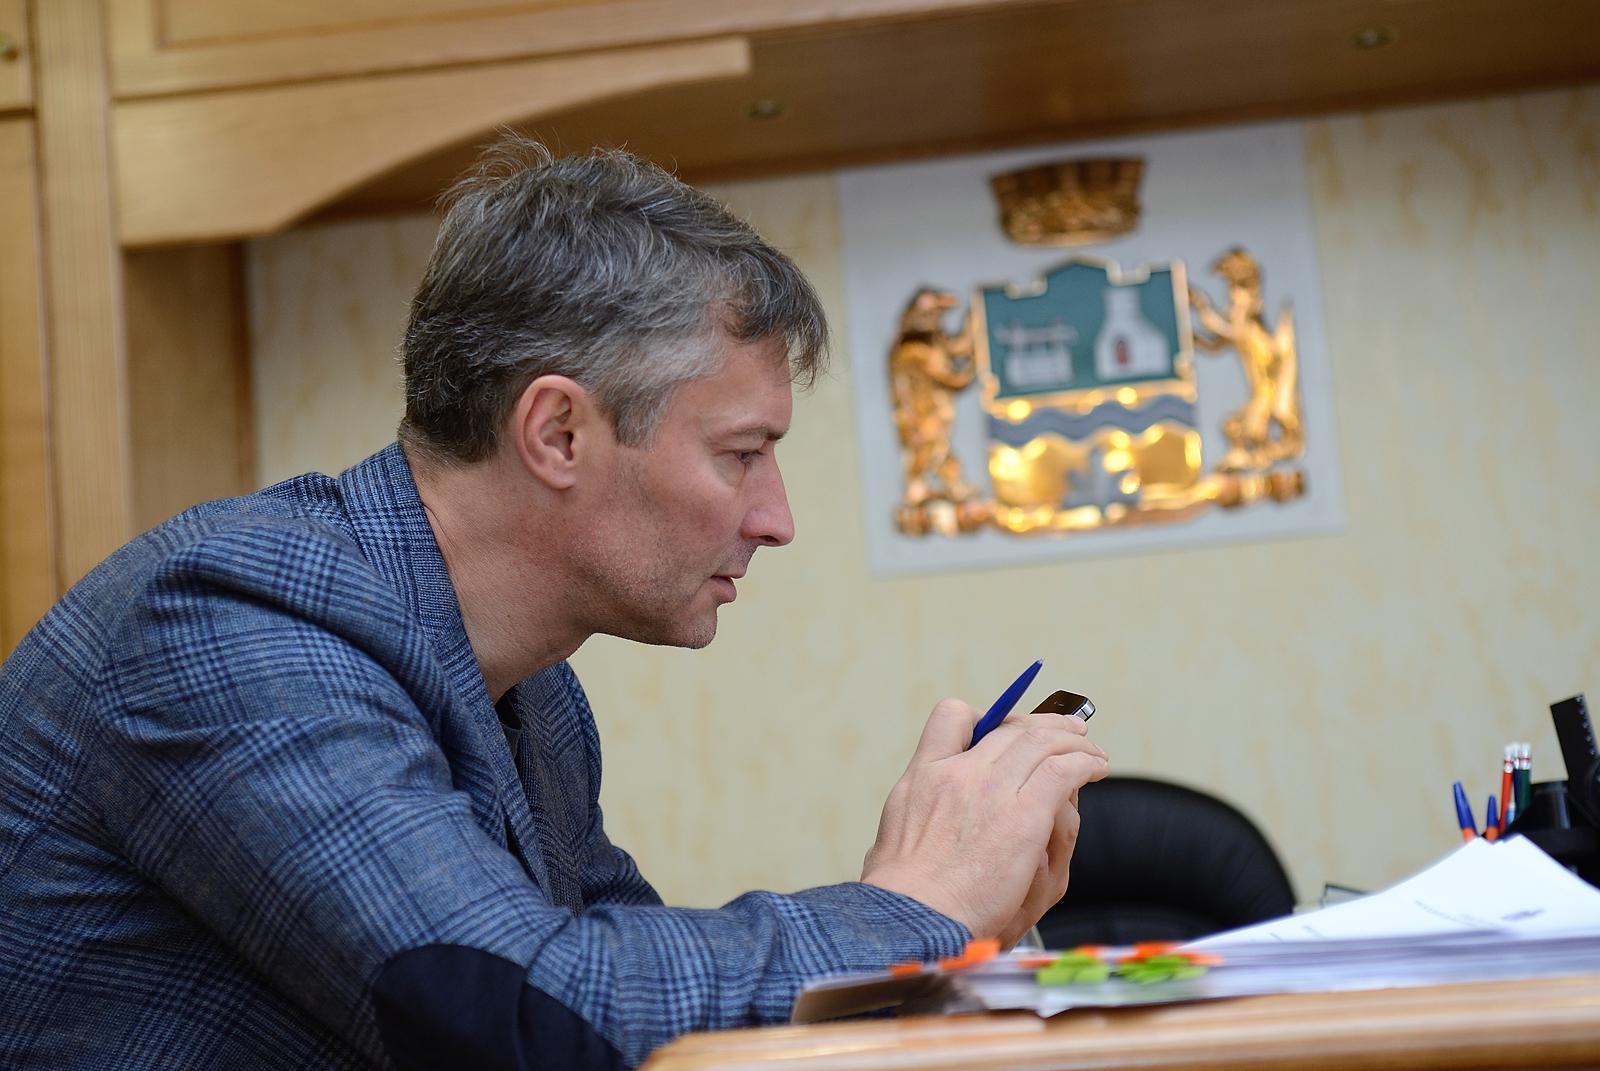 Евгений Ройзман — о «Левиафане», идеальном губернаторе и деле главы «Водоканала»